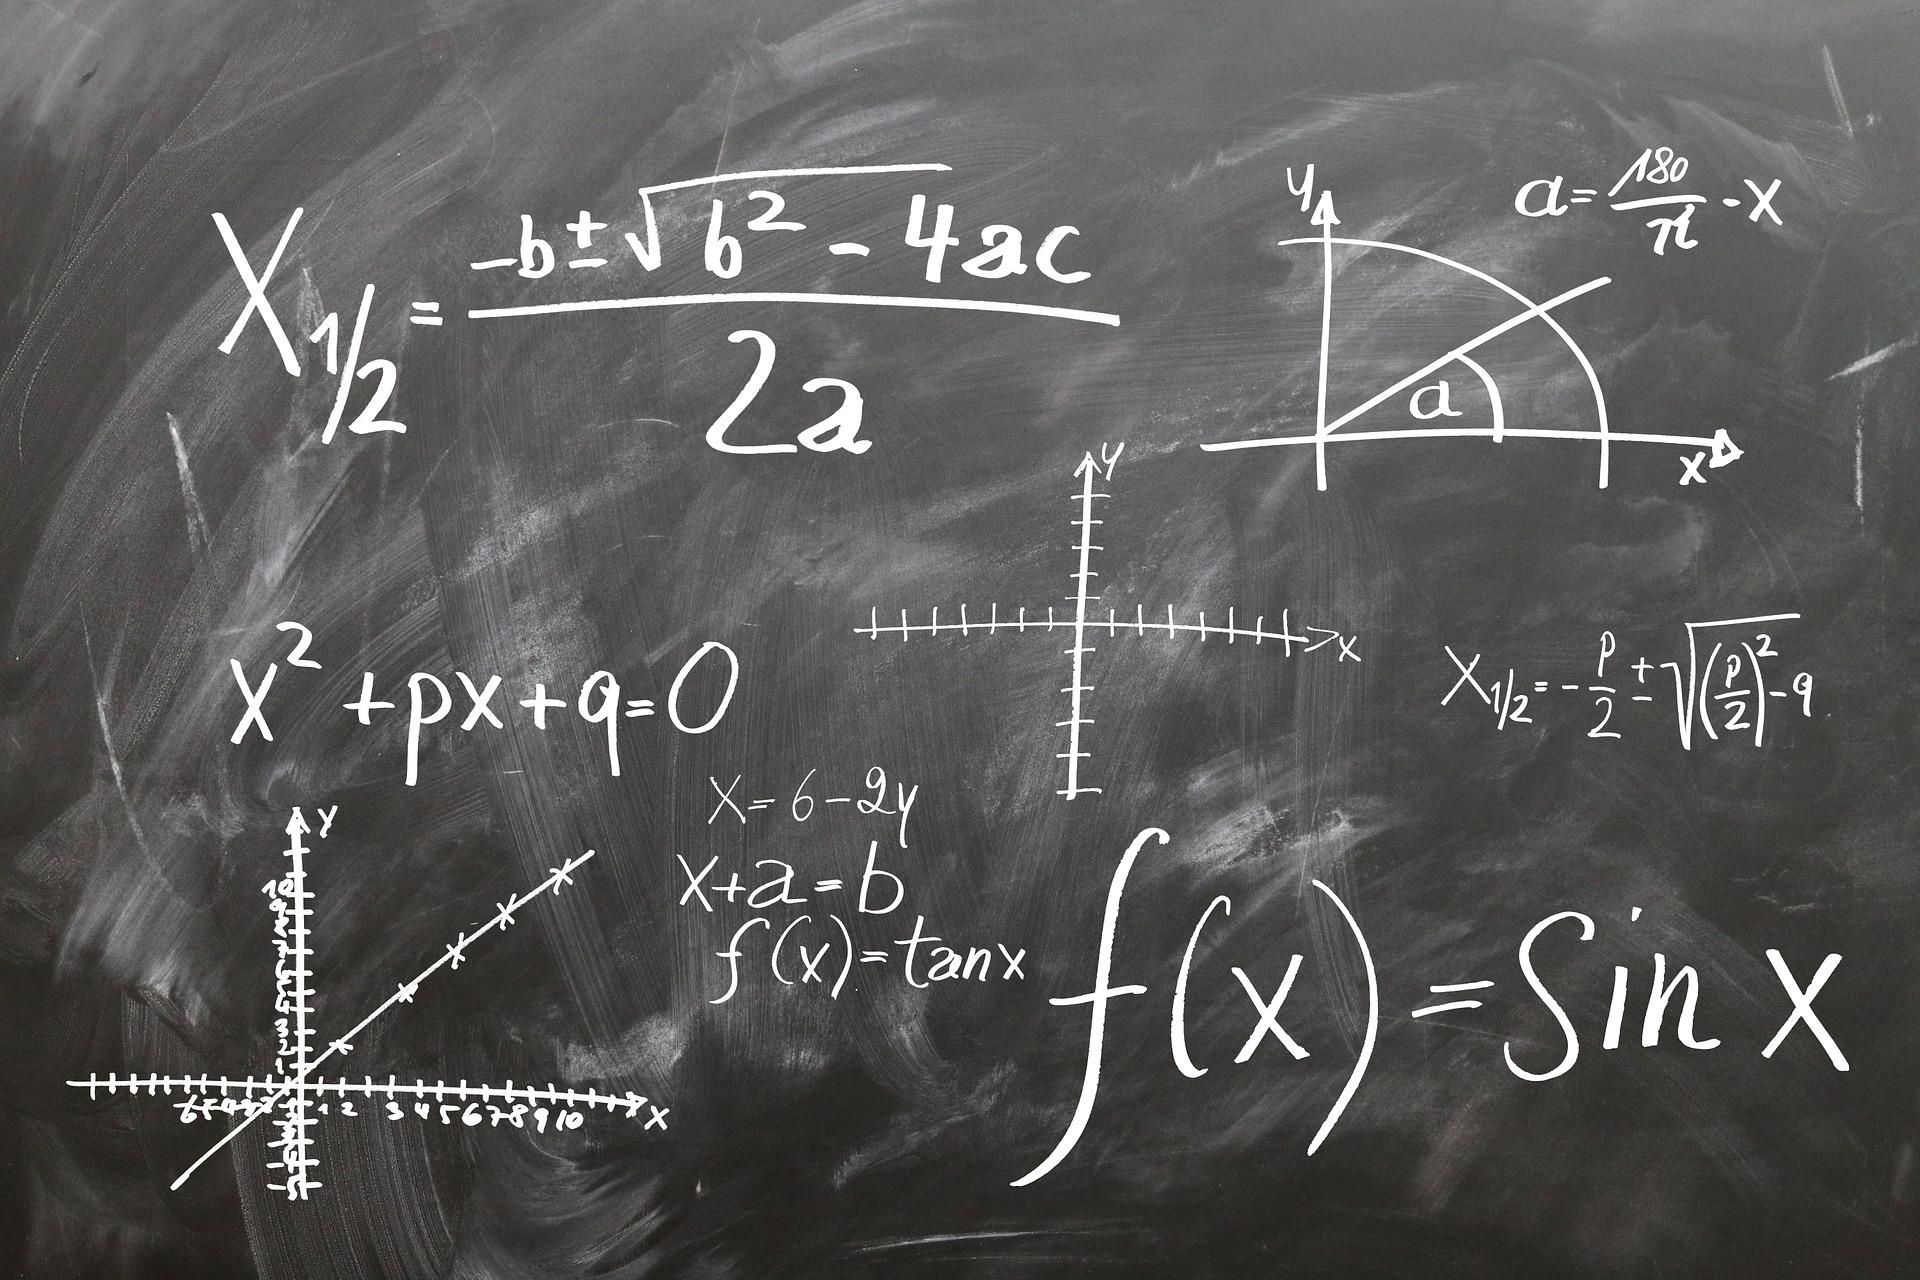 Chęć zdawania matematyki na poziomie rozszerzonym zadeklarowało 72,4 tys. tegorocznych absolwentów liceów ogólnokształcących i techników, czyli ponad 25 proc. (fot.pixabay.com)